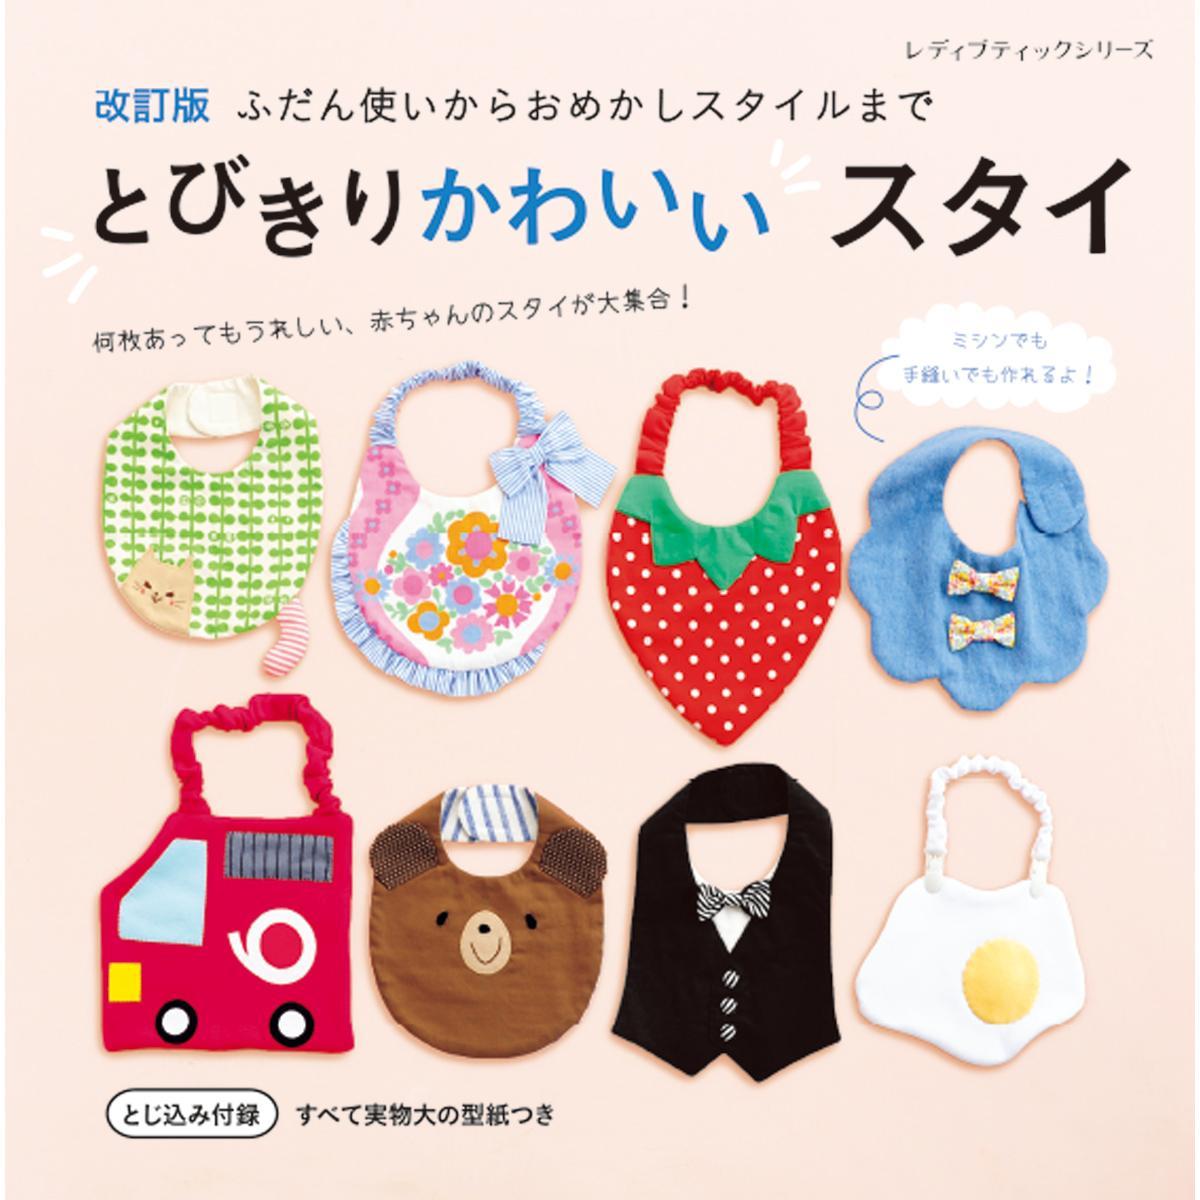 スタイ 手作り 赤ちゃん スタイに使われる生地と特徴